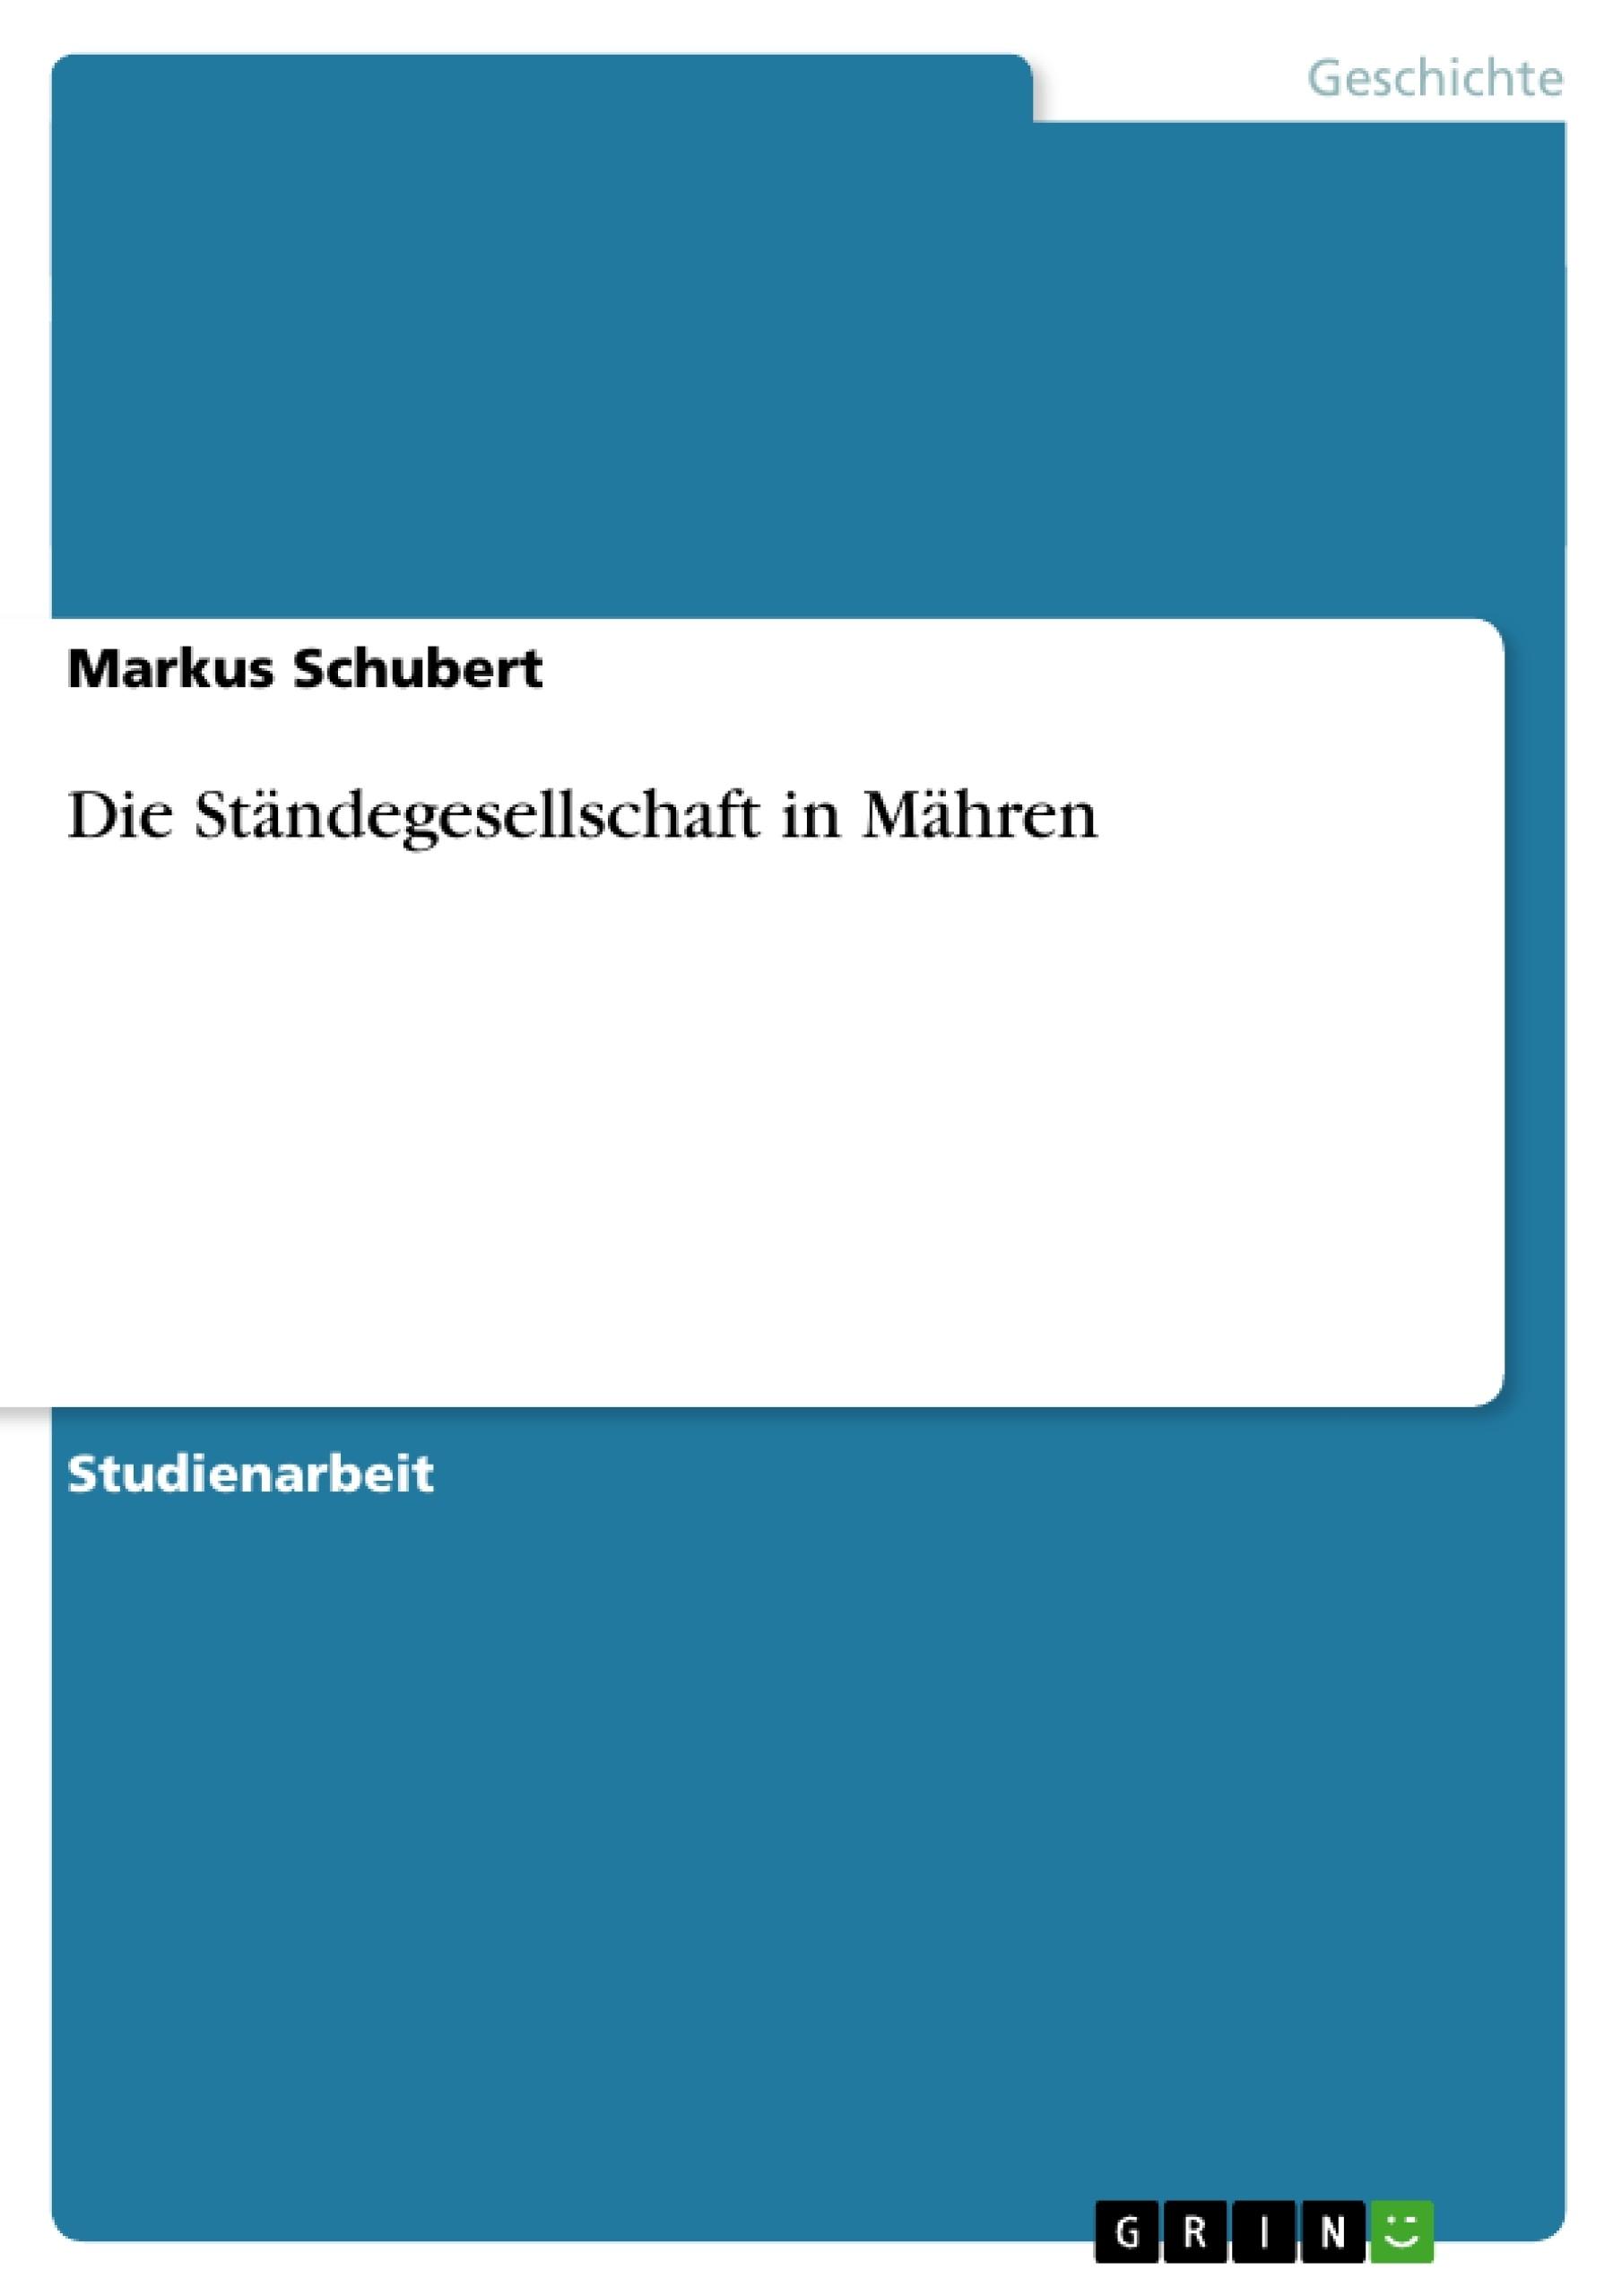 Titel: Die Ständegesellschaft in Mähren